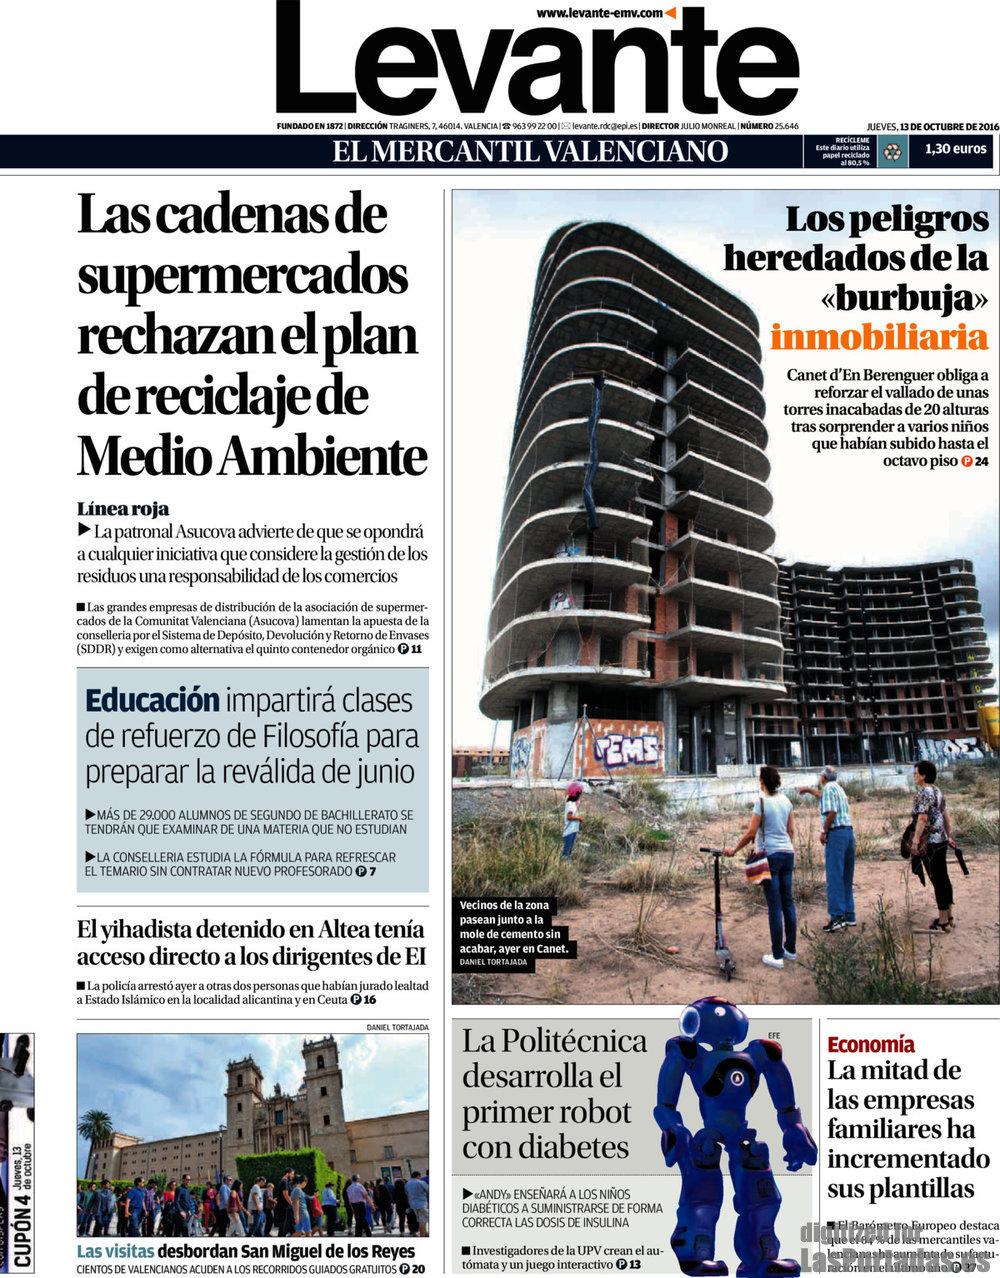 Periodico Levante - 13/10/2016